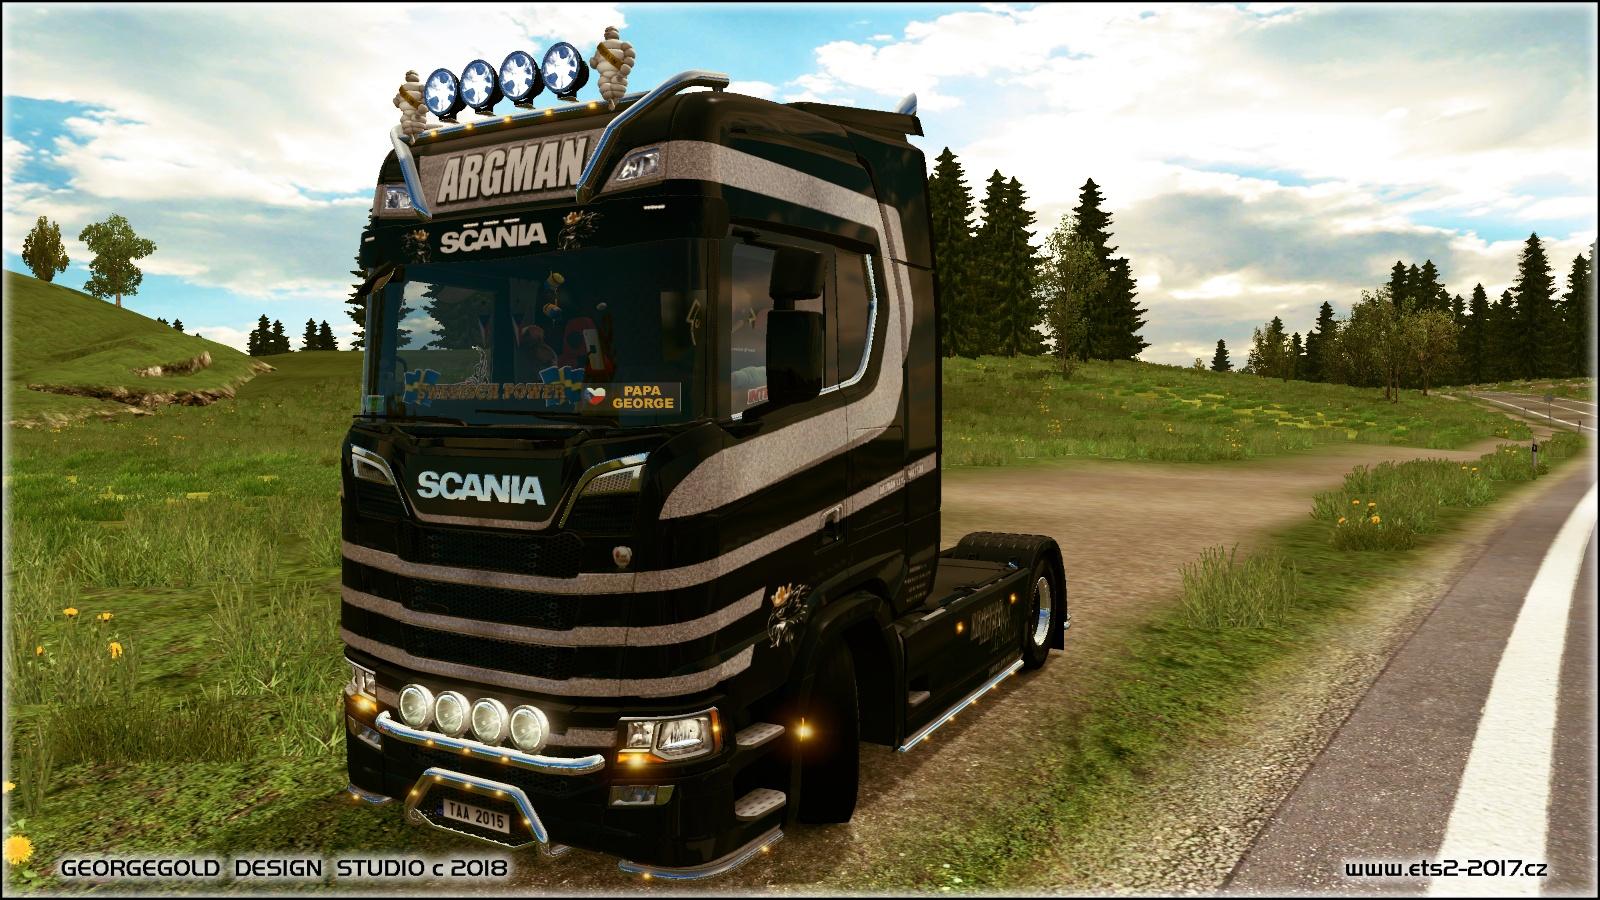 Scania S NG Argman